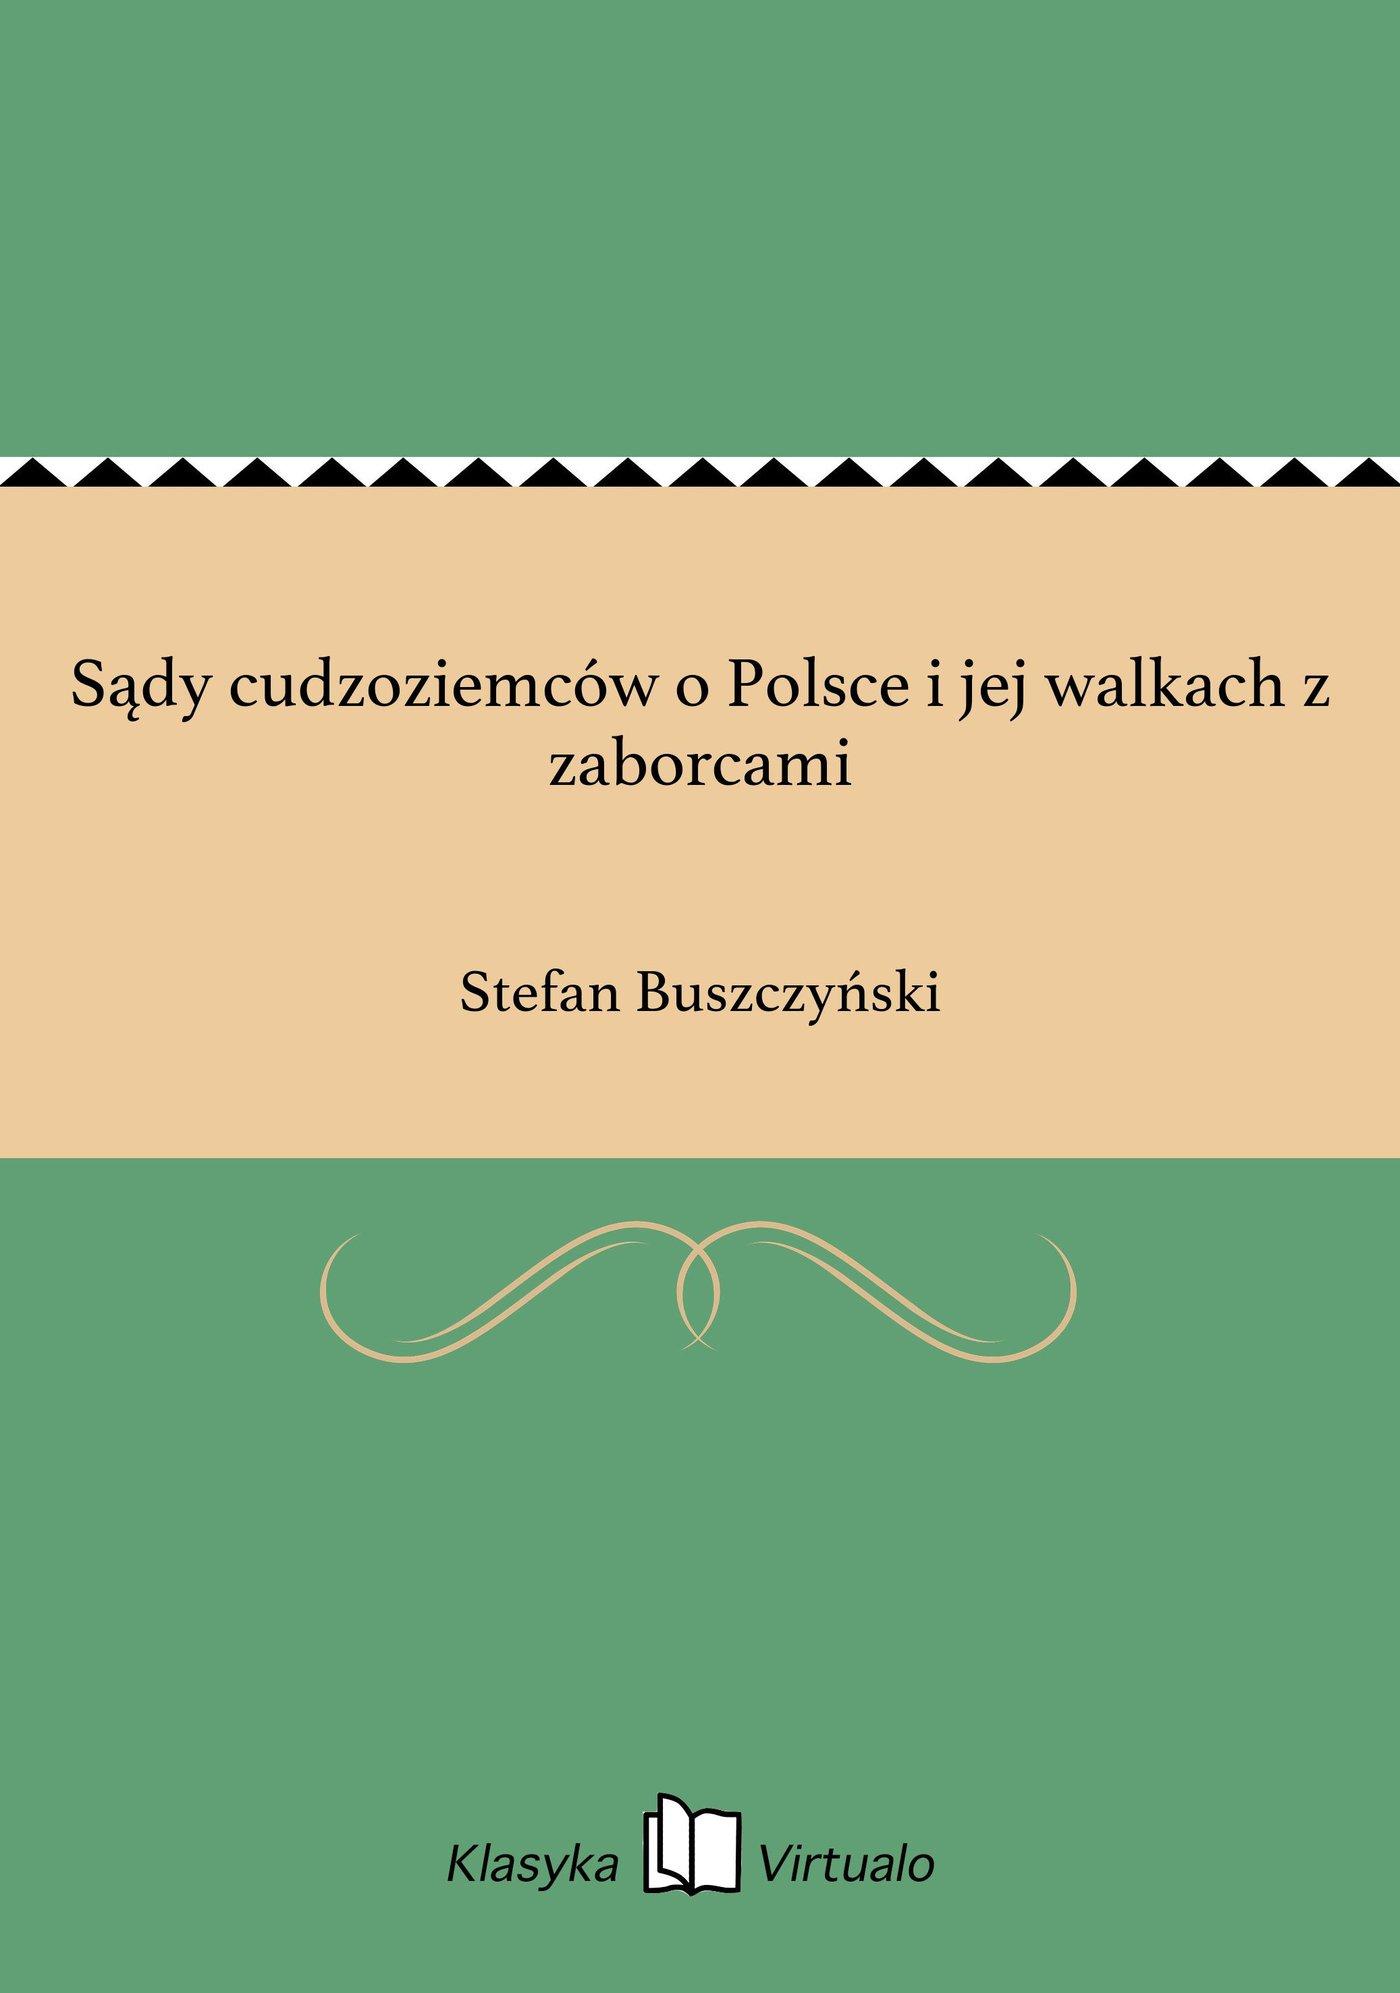 Sądy cudzoziemców o Polsce i jej walkach z zaborcami - Ebook (Książka EPUB) do pobrania w formacie EPUB